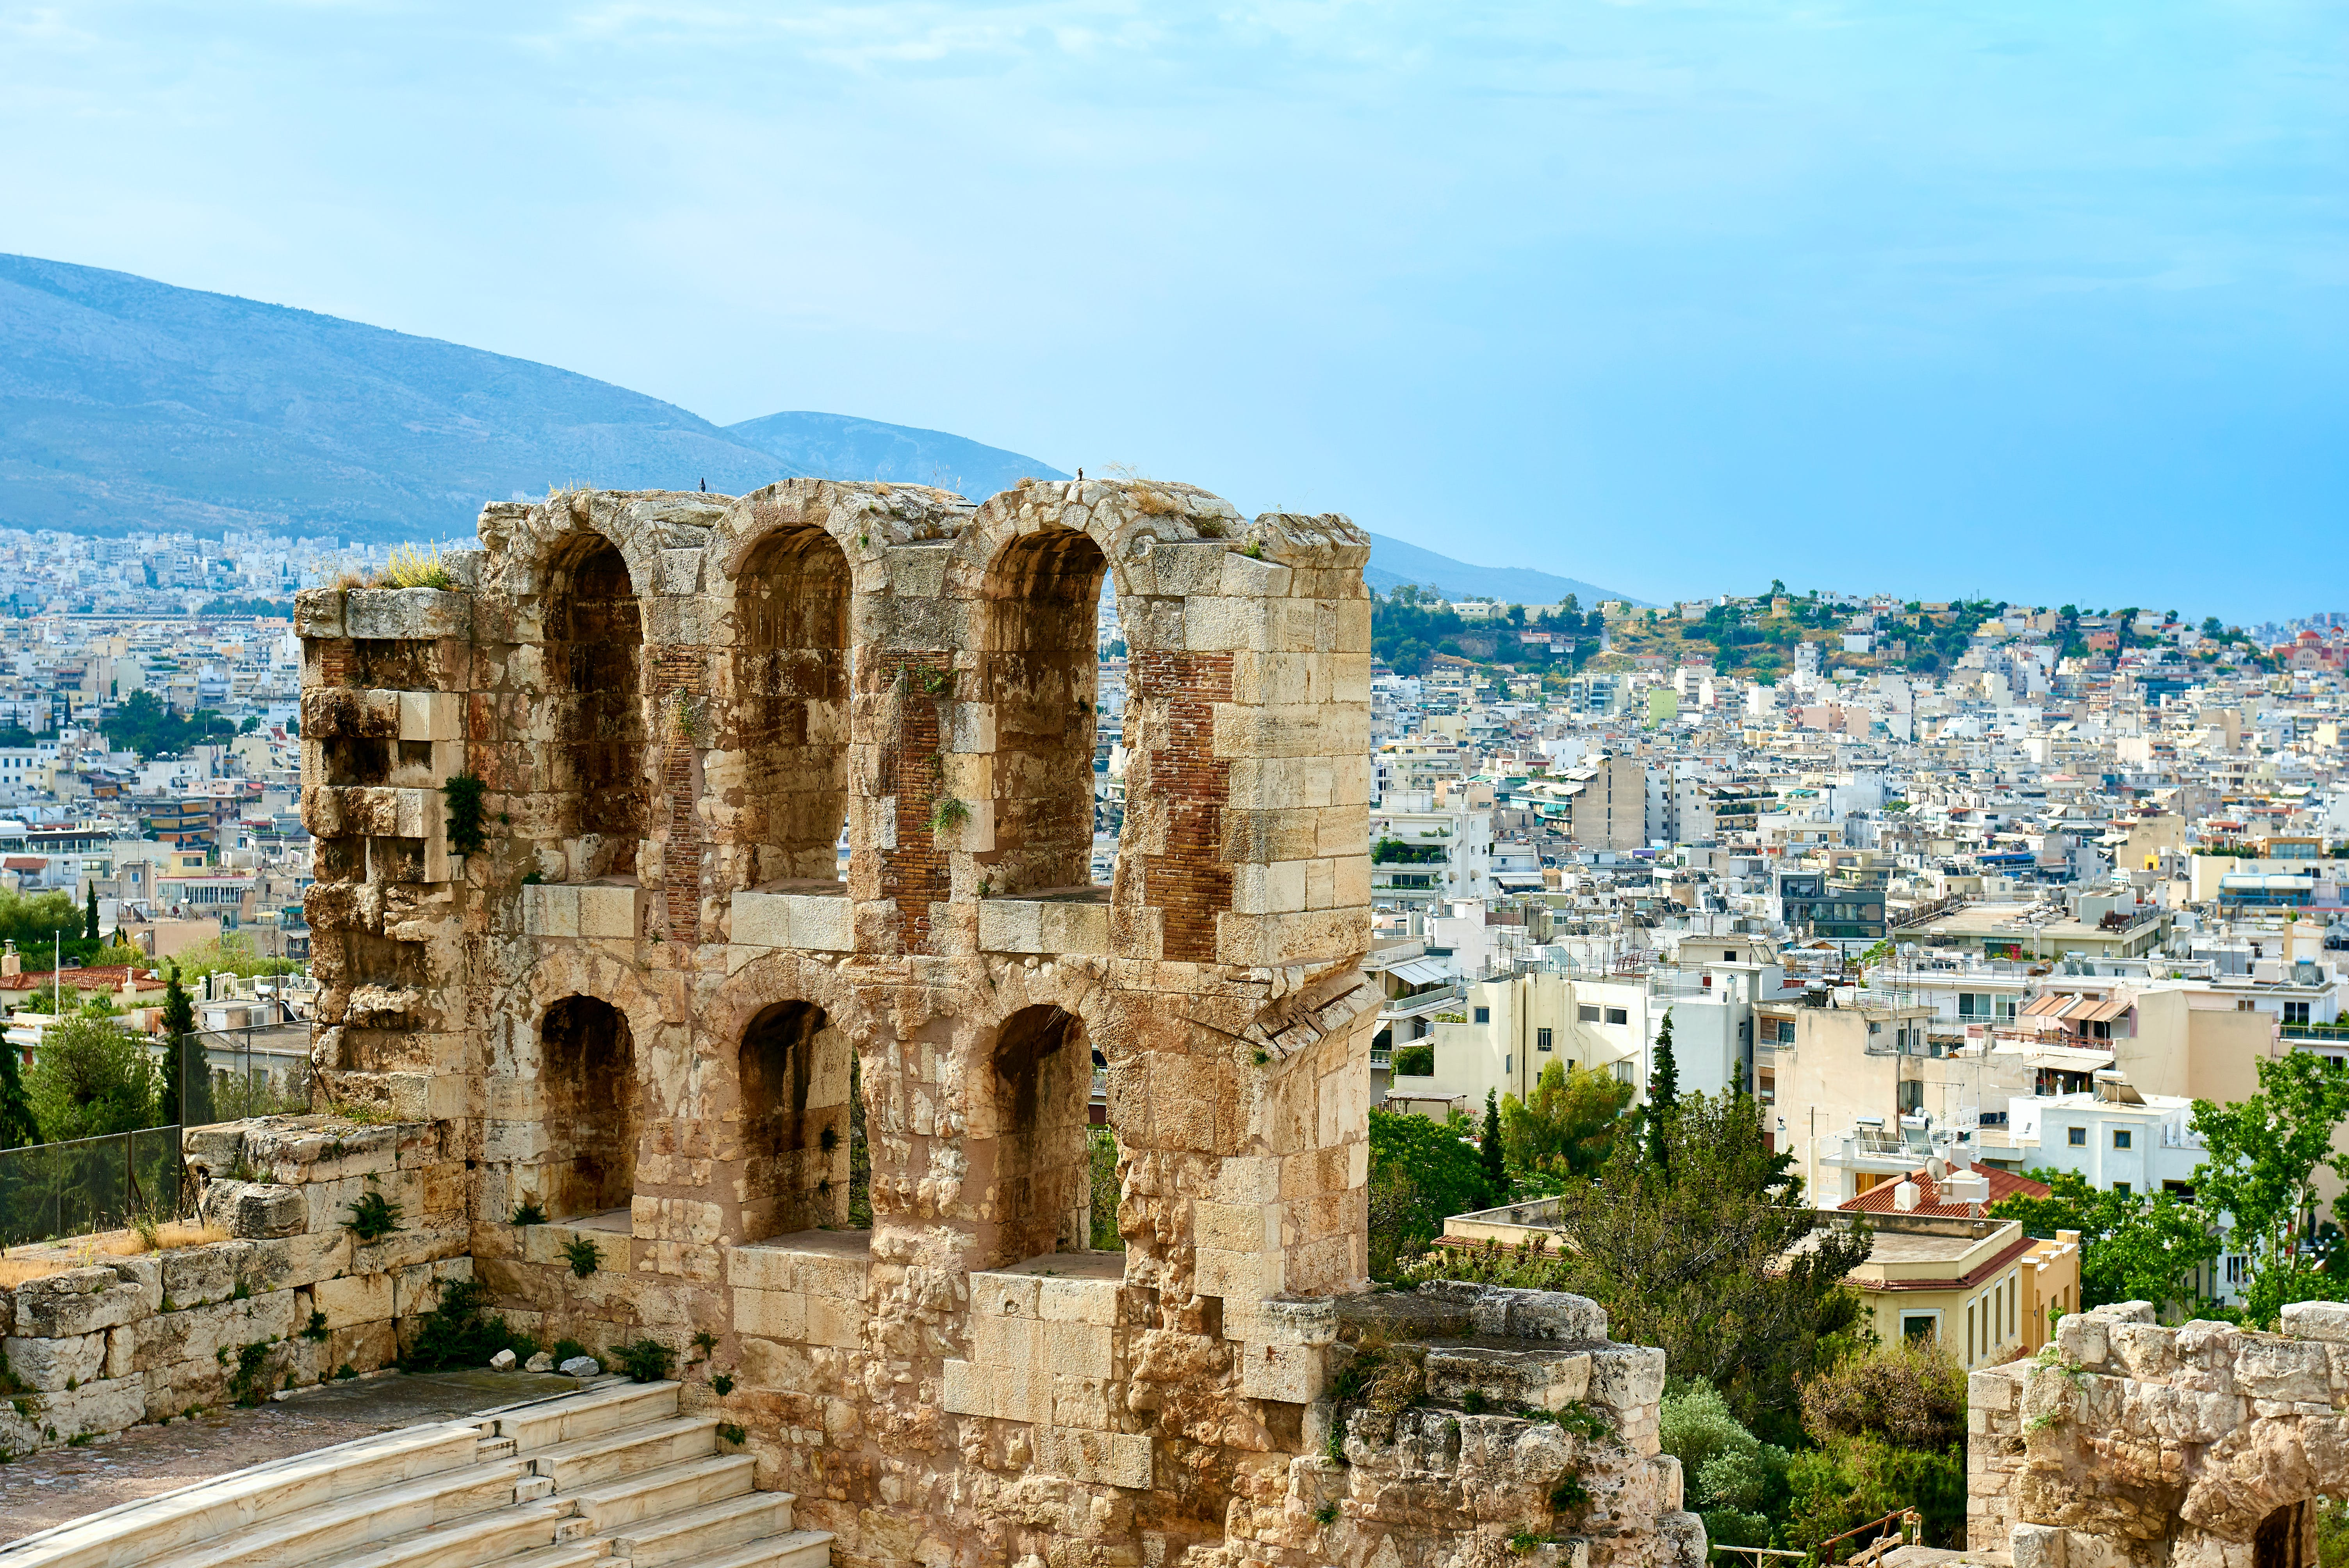 Fotos de stock gratuitas de acrópolis, arquitectura, Atenas, atracción turística